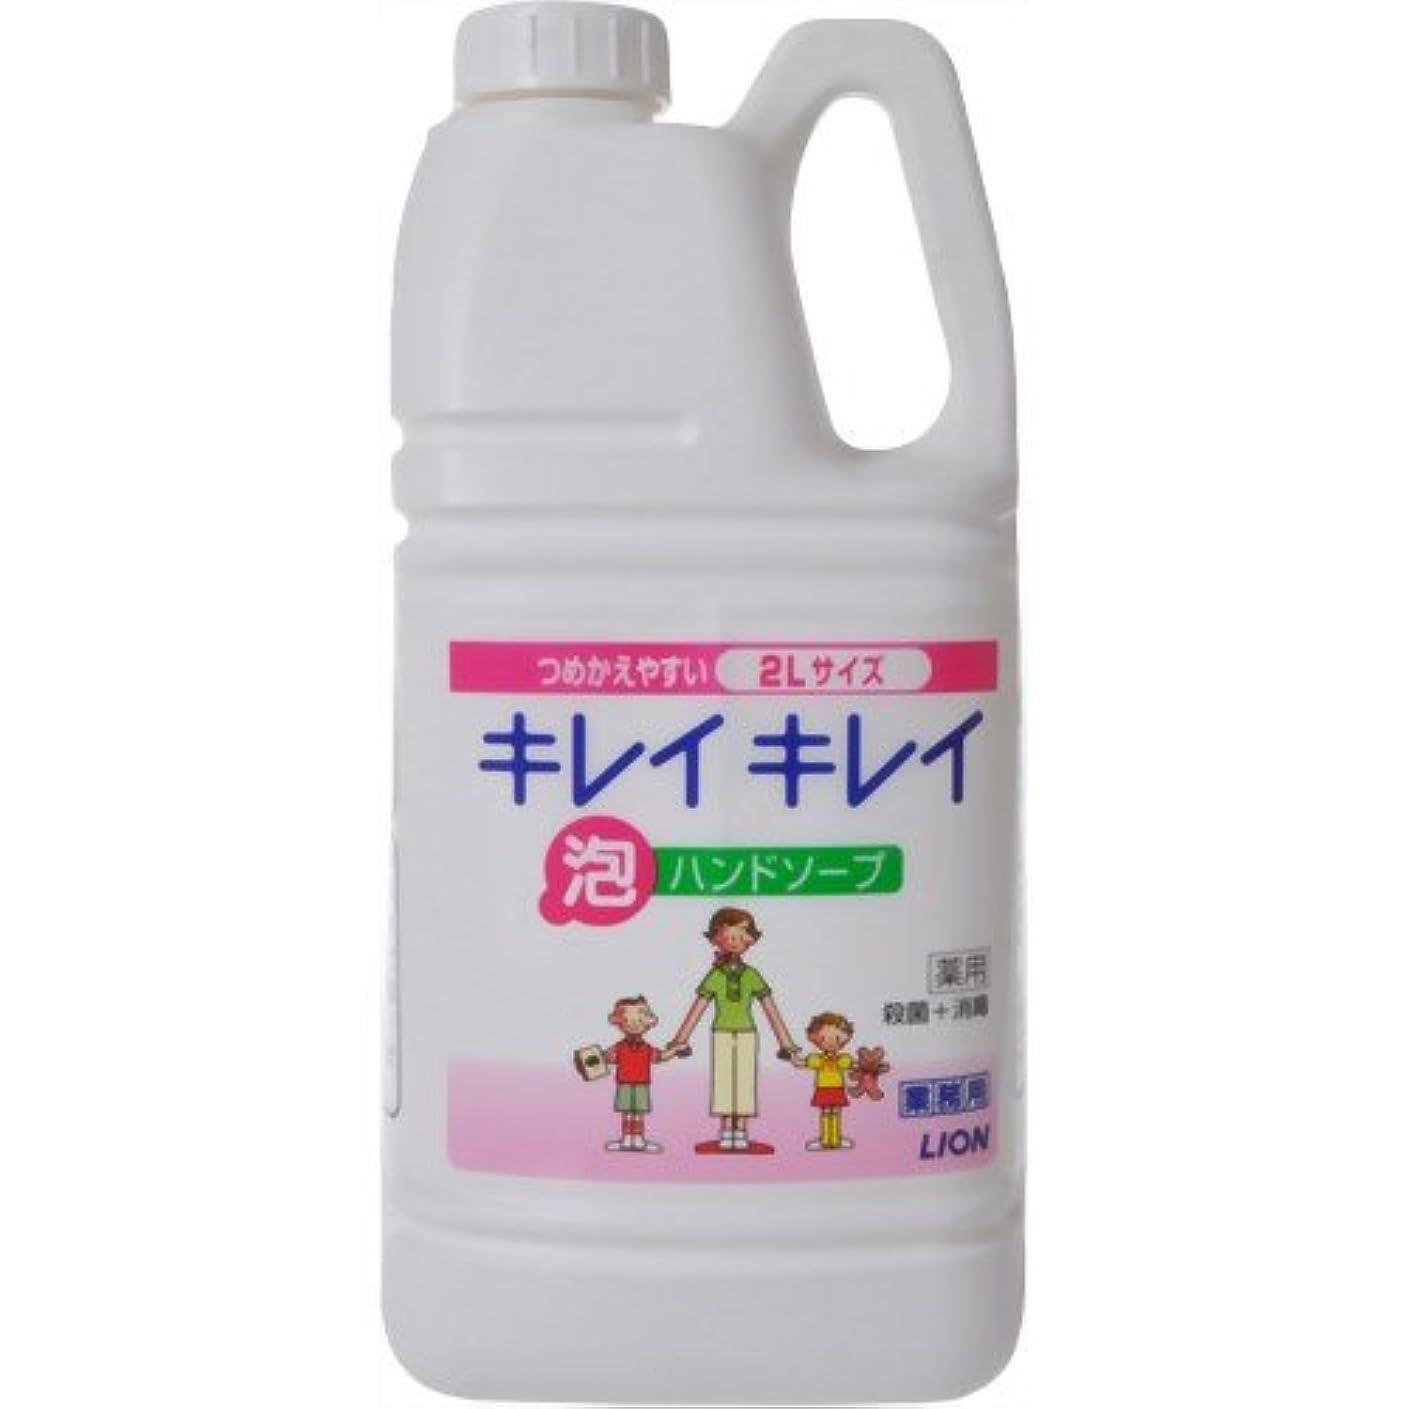 副産物航空パークキレイキレイ薬用泡ハンドソープ2L(業務用)